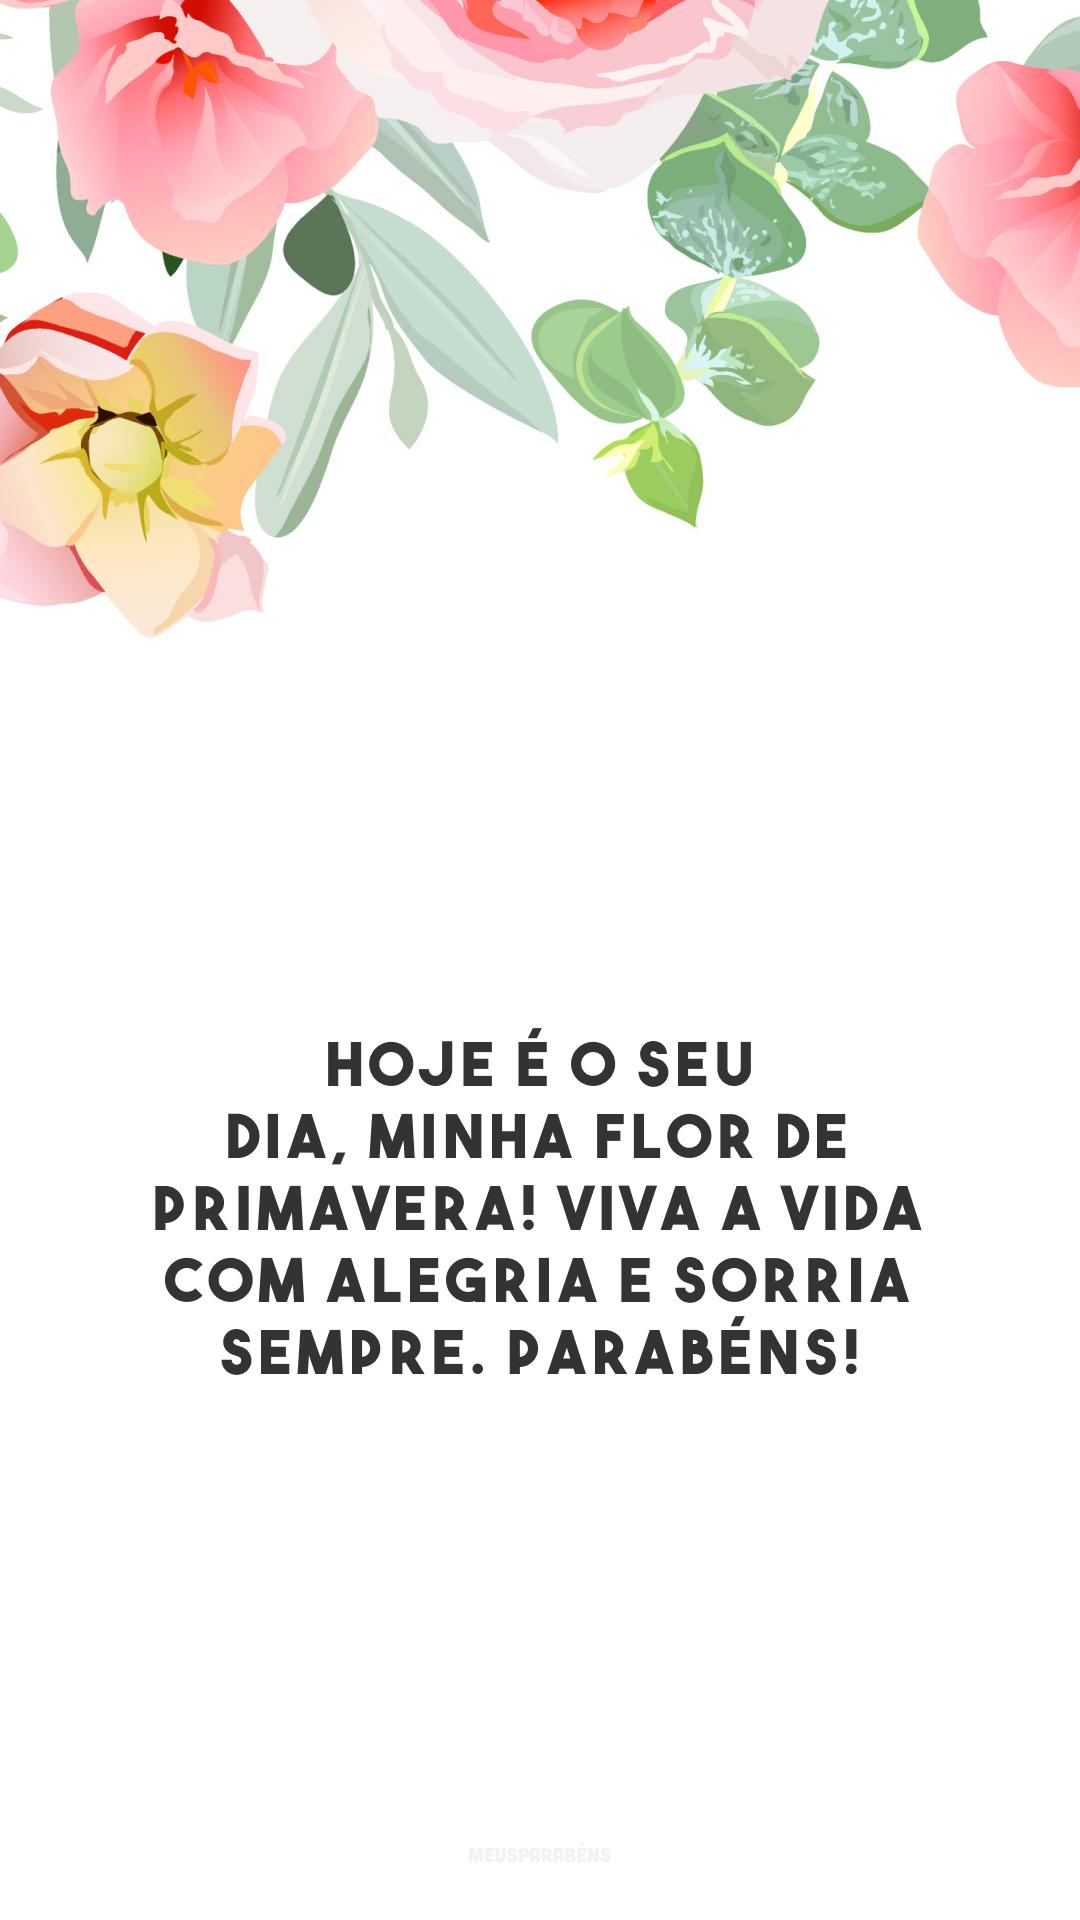 Hoje é o seu dia, minha flor de primavera! Viva a vida com alegria e sorria sempre. Parabéns!